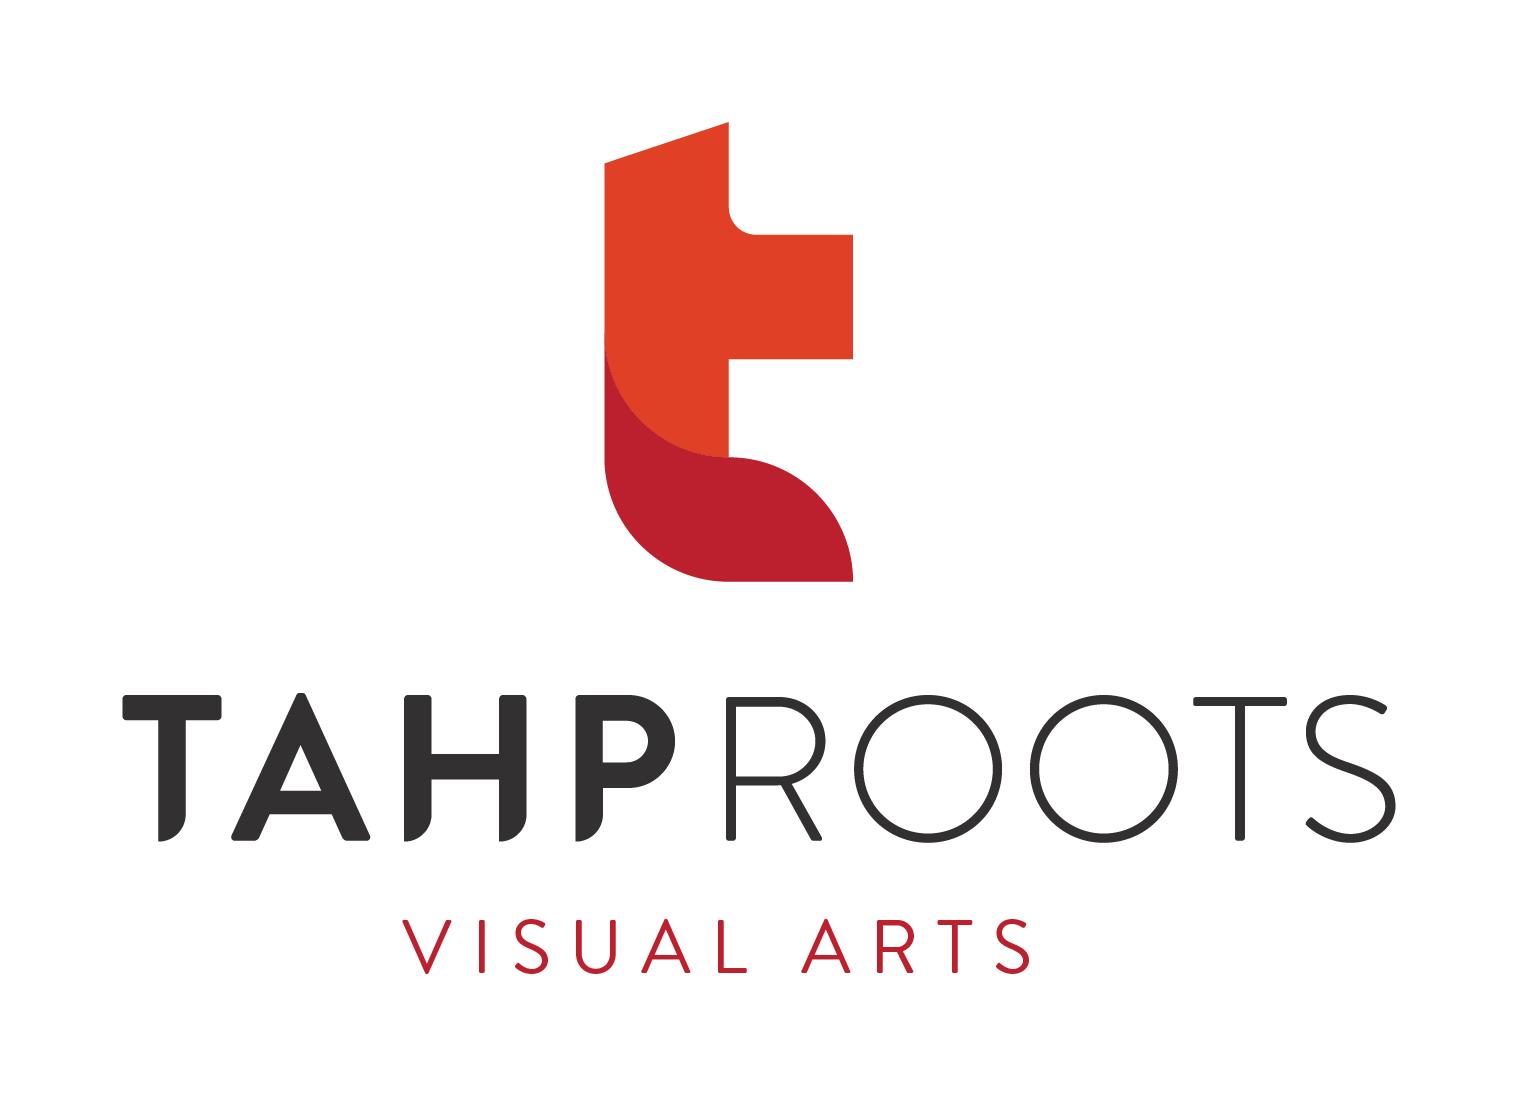 TAHP_Lockup_VisArts.jpg